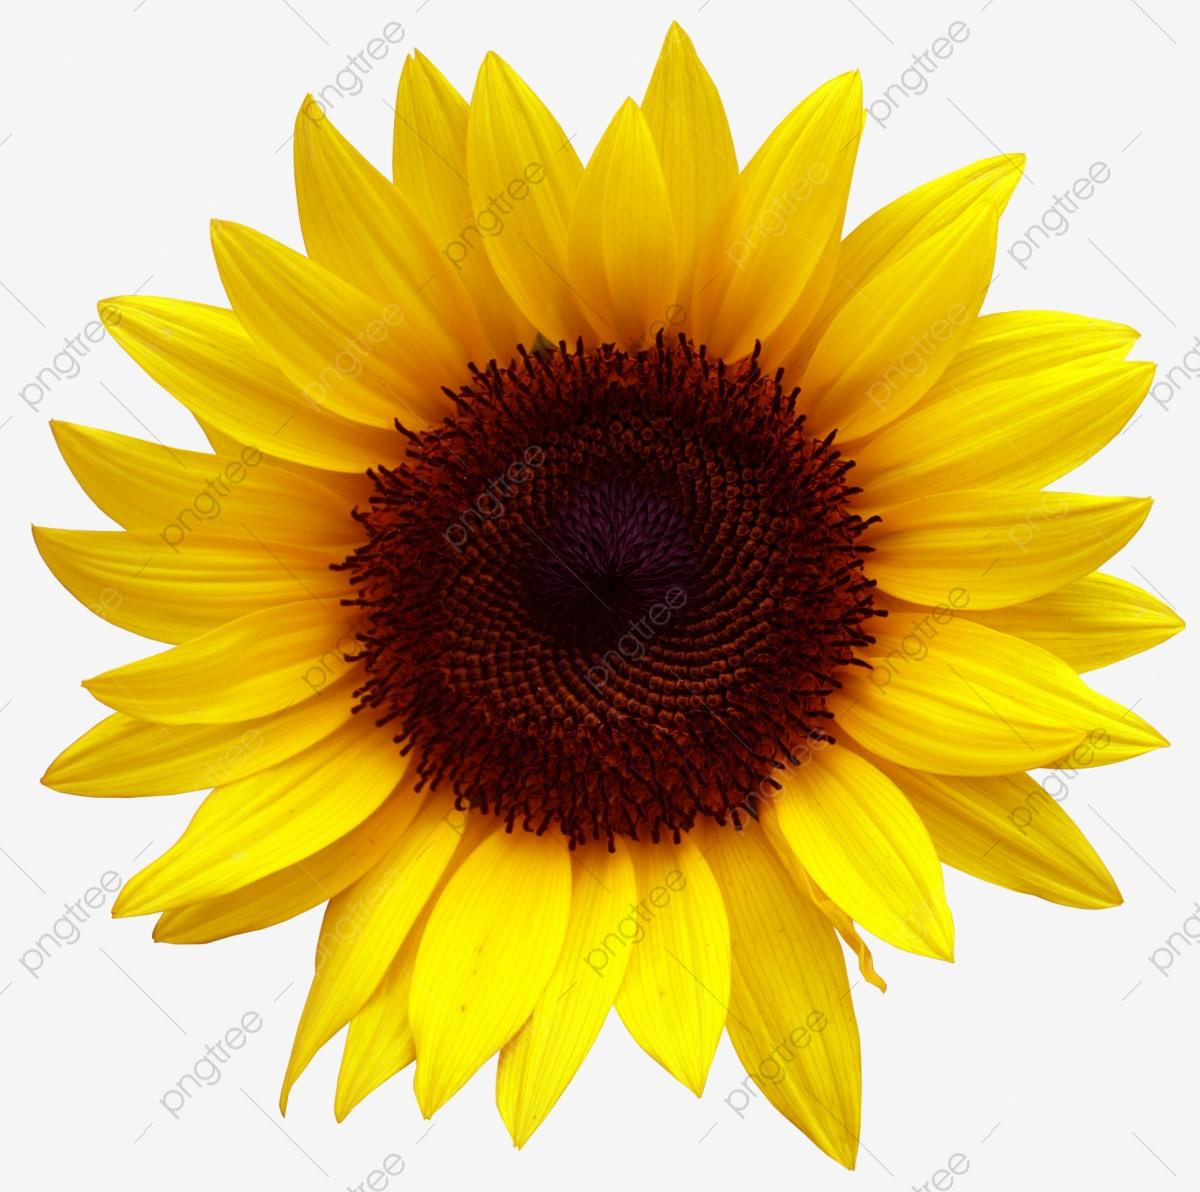 Golden Sunflowers, Sunflower, Flowers, Creative Autumn PNG.